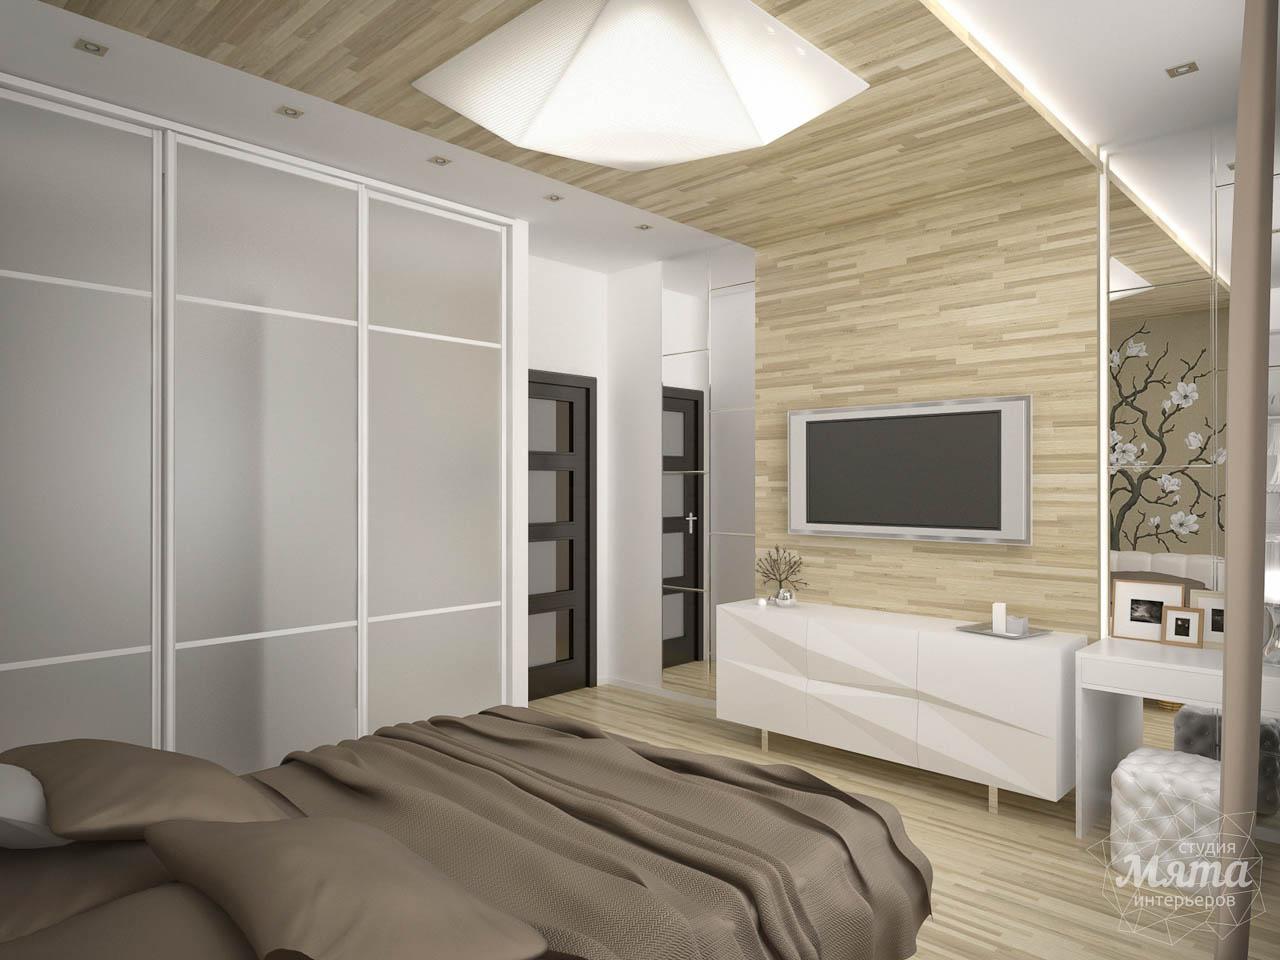 Дизайн интерьера трехкомнатной квартиры по ул. Папанина 18 img539798895